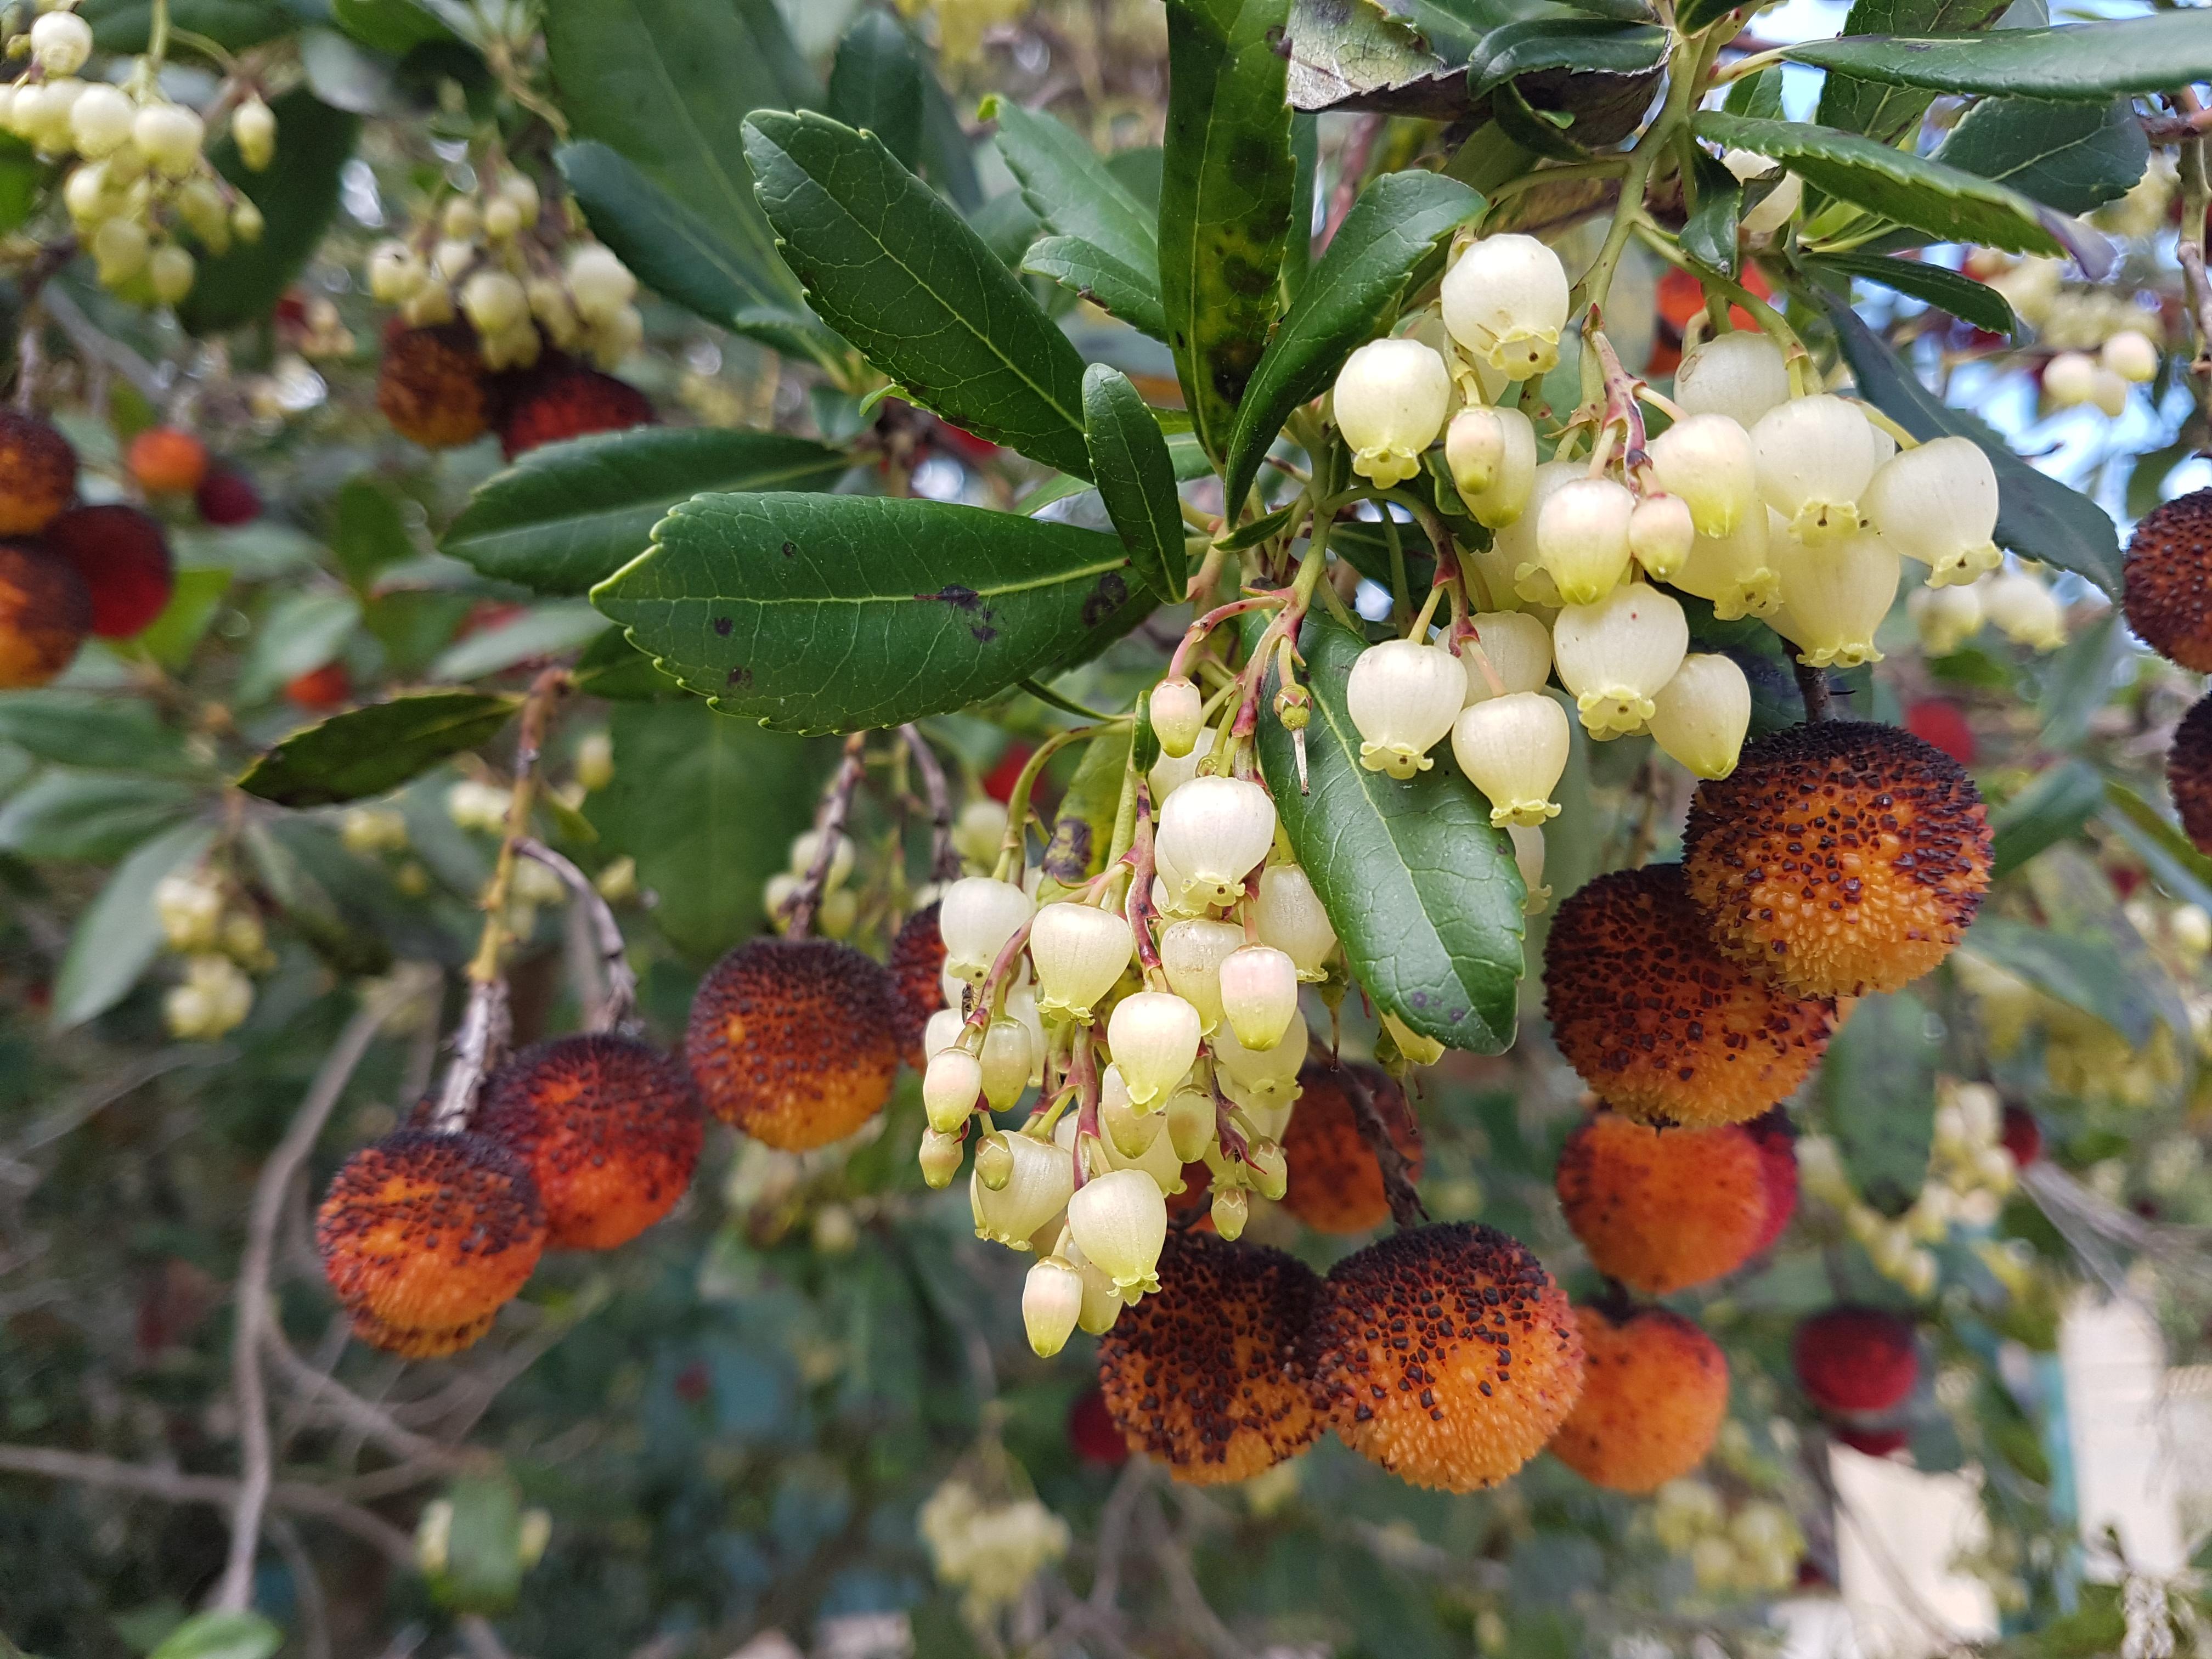 Balcone fiorito anche in autunno l 39 autunno e i suoi - Composizione giardino ...